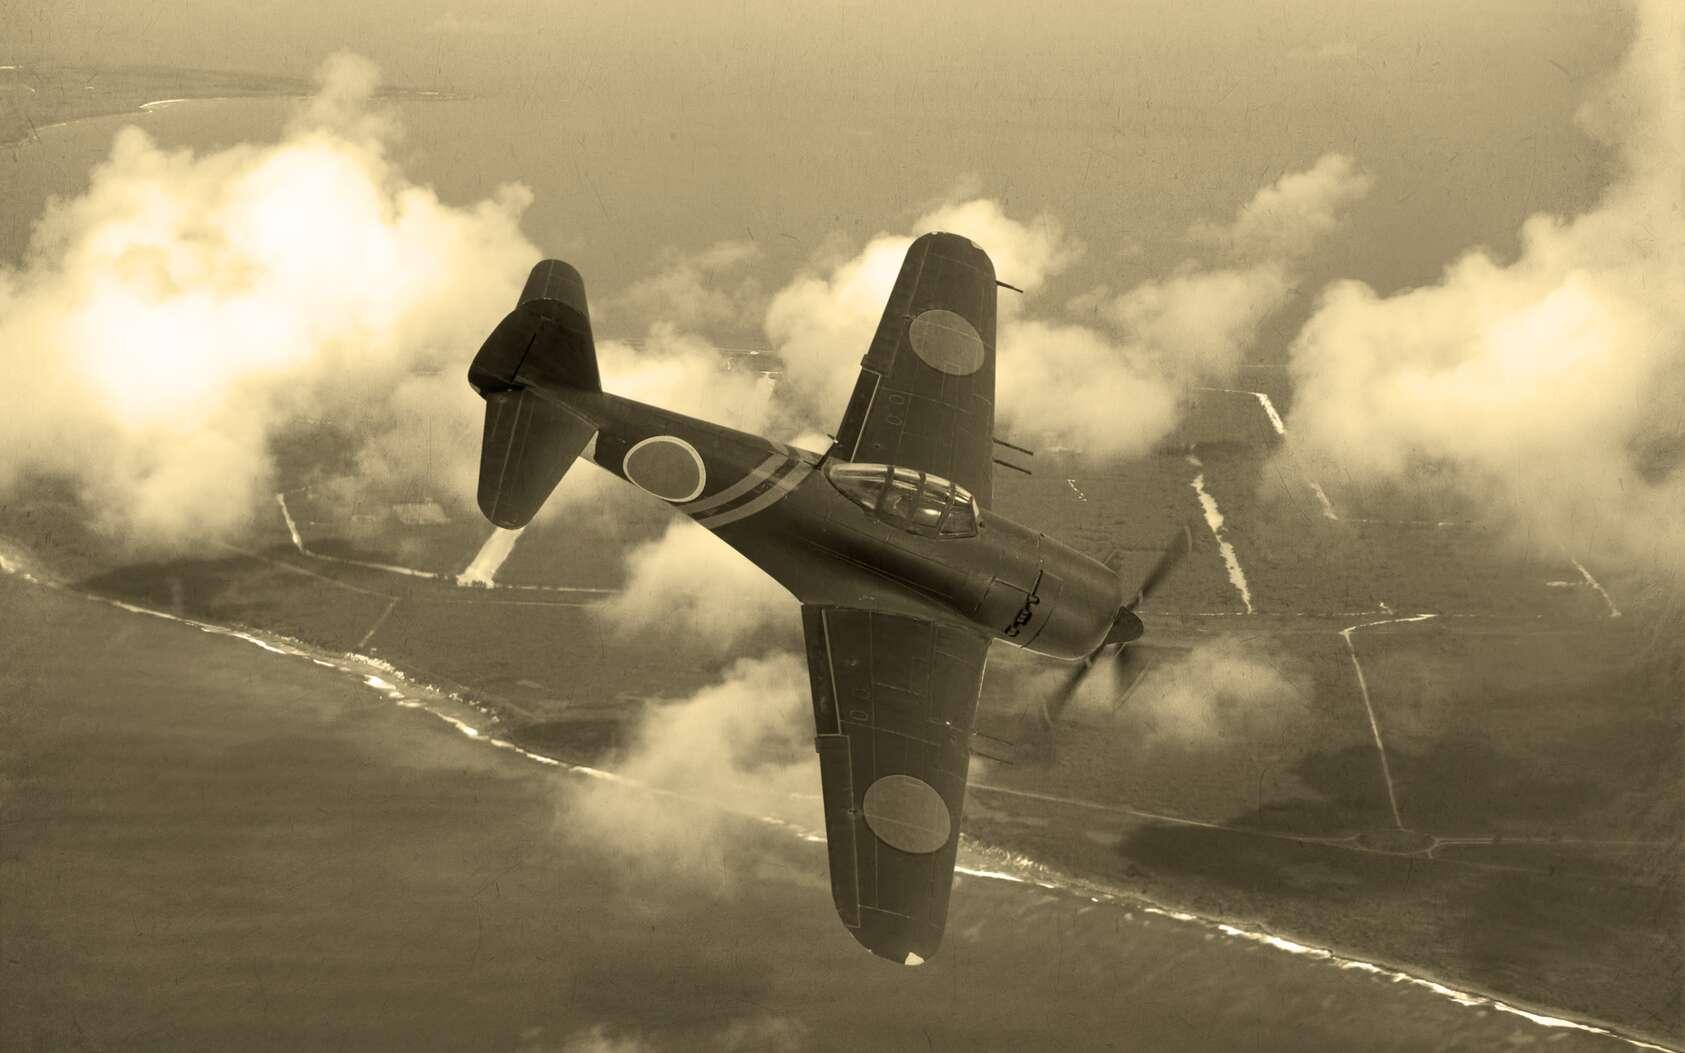 Illustration d'un avion japonais N1K-J Shiden lors de la deuxième guerre mondiale. © Keith Tarrier, fotolia